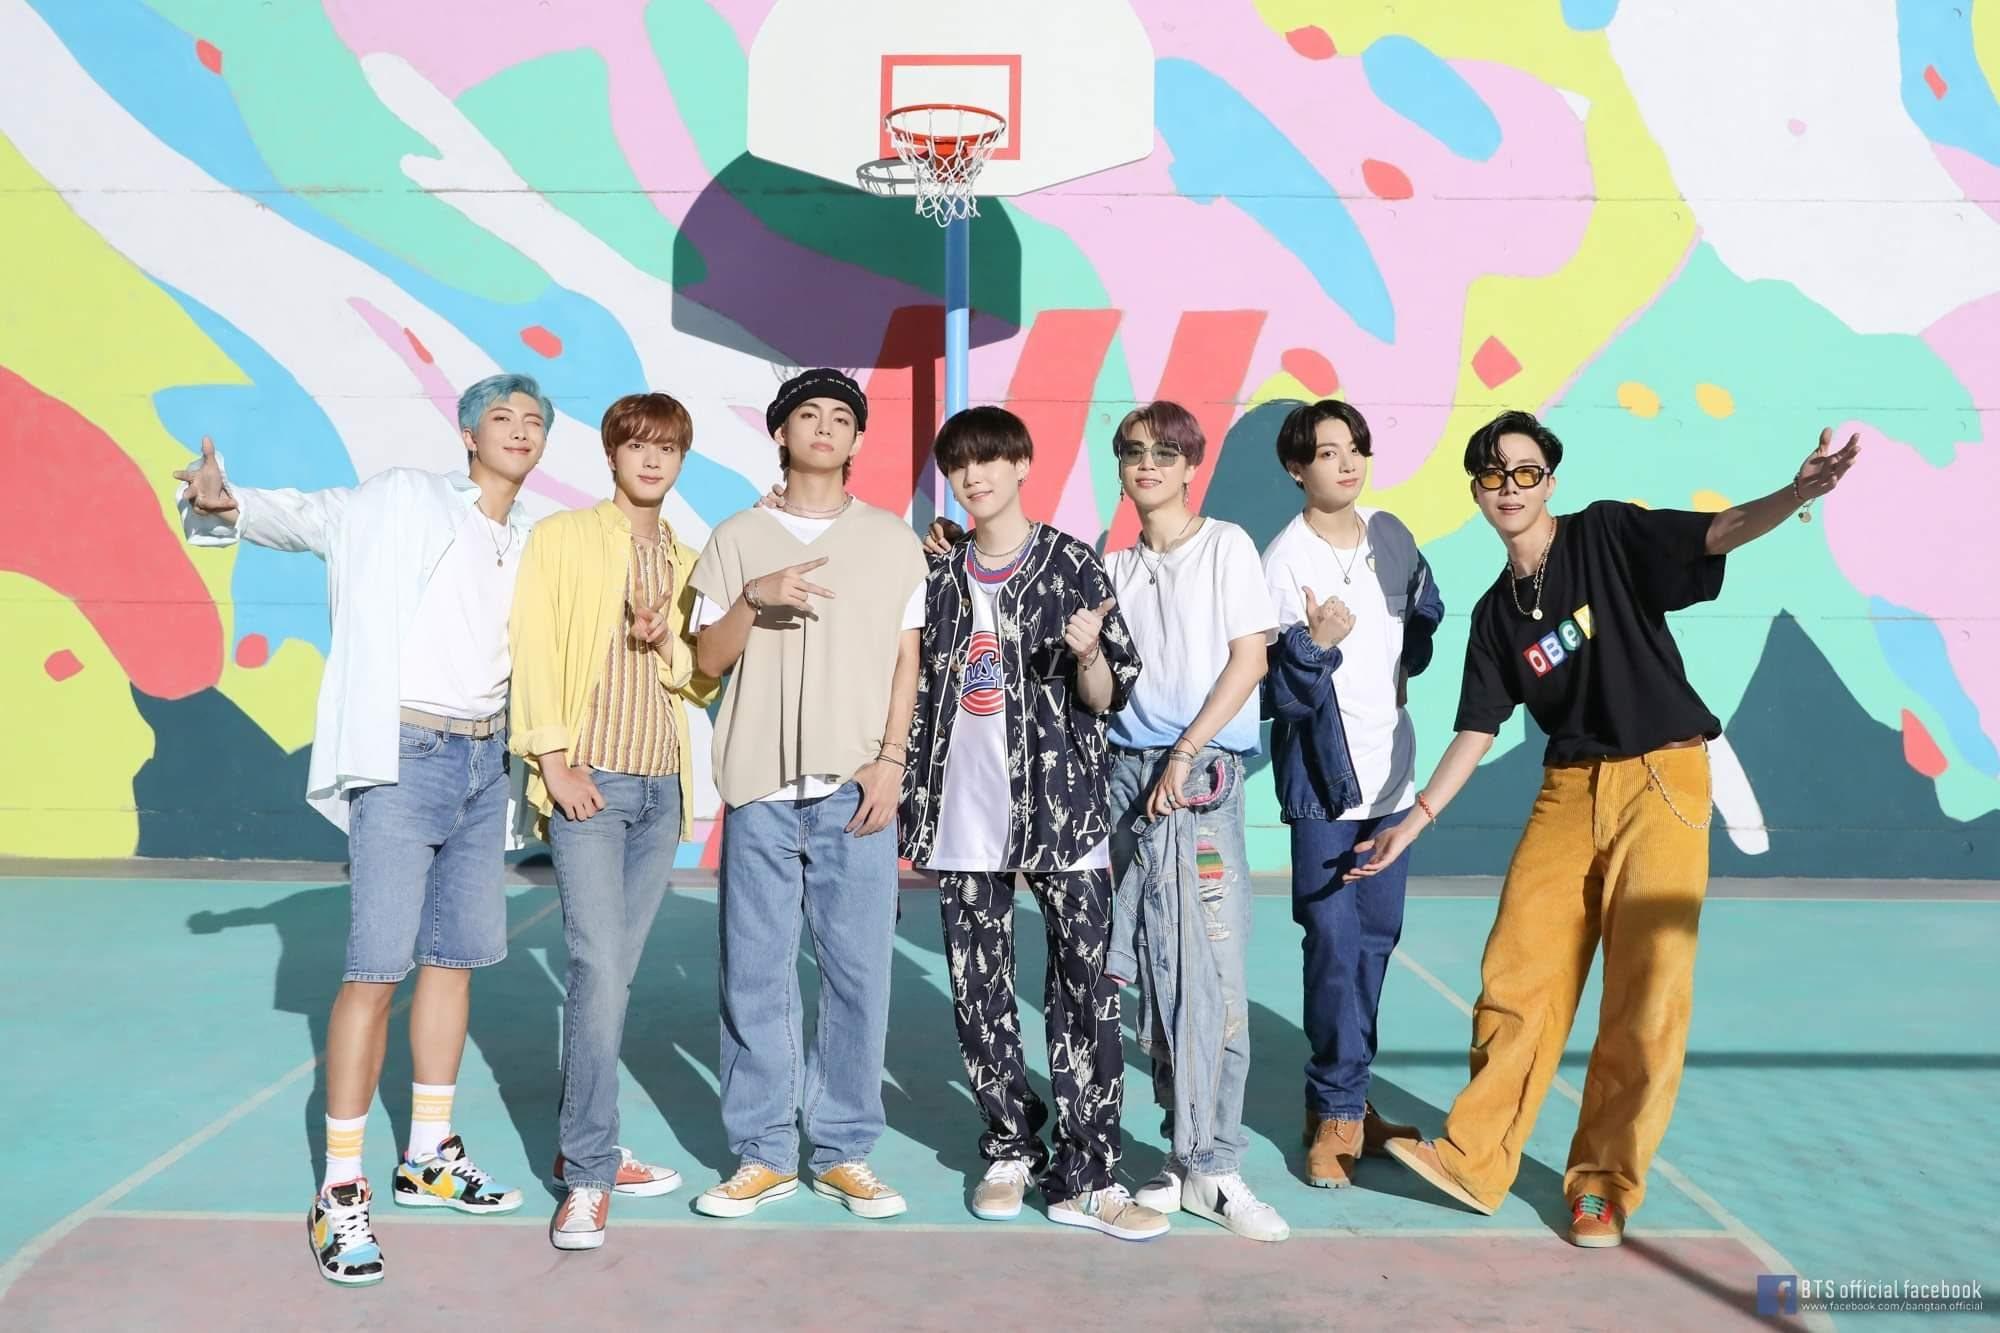 2020年韩国Naver搜索量最高的名人TOP3,这位选秀节目冠军选手力压BTS拿下第一插图4